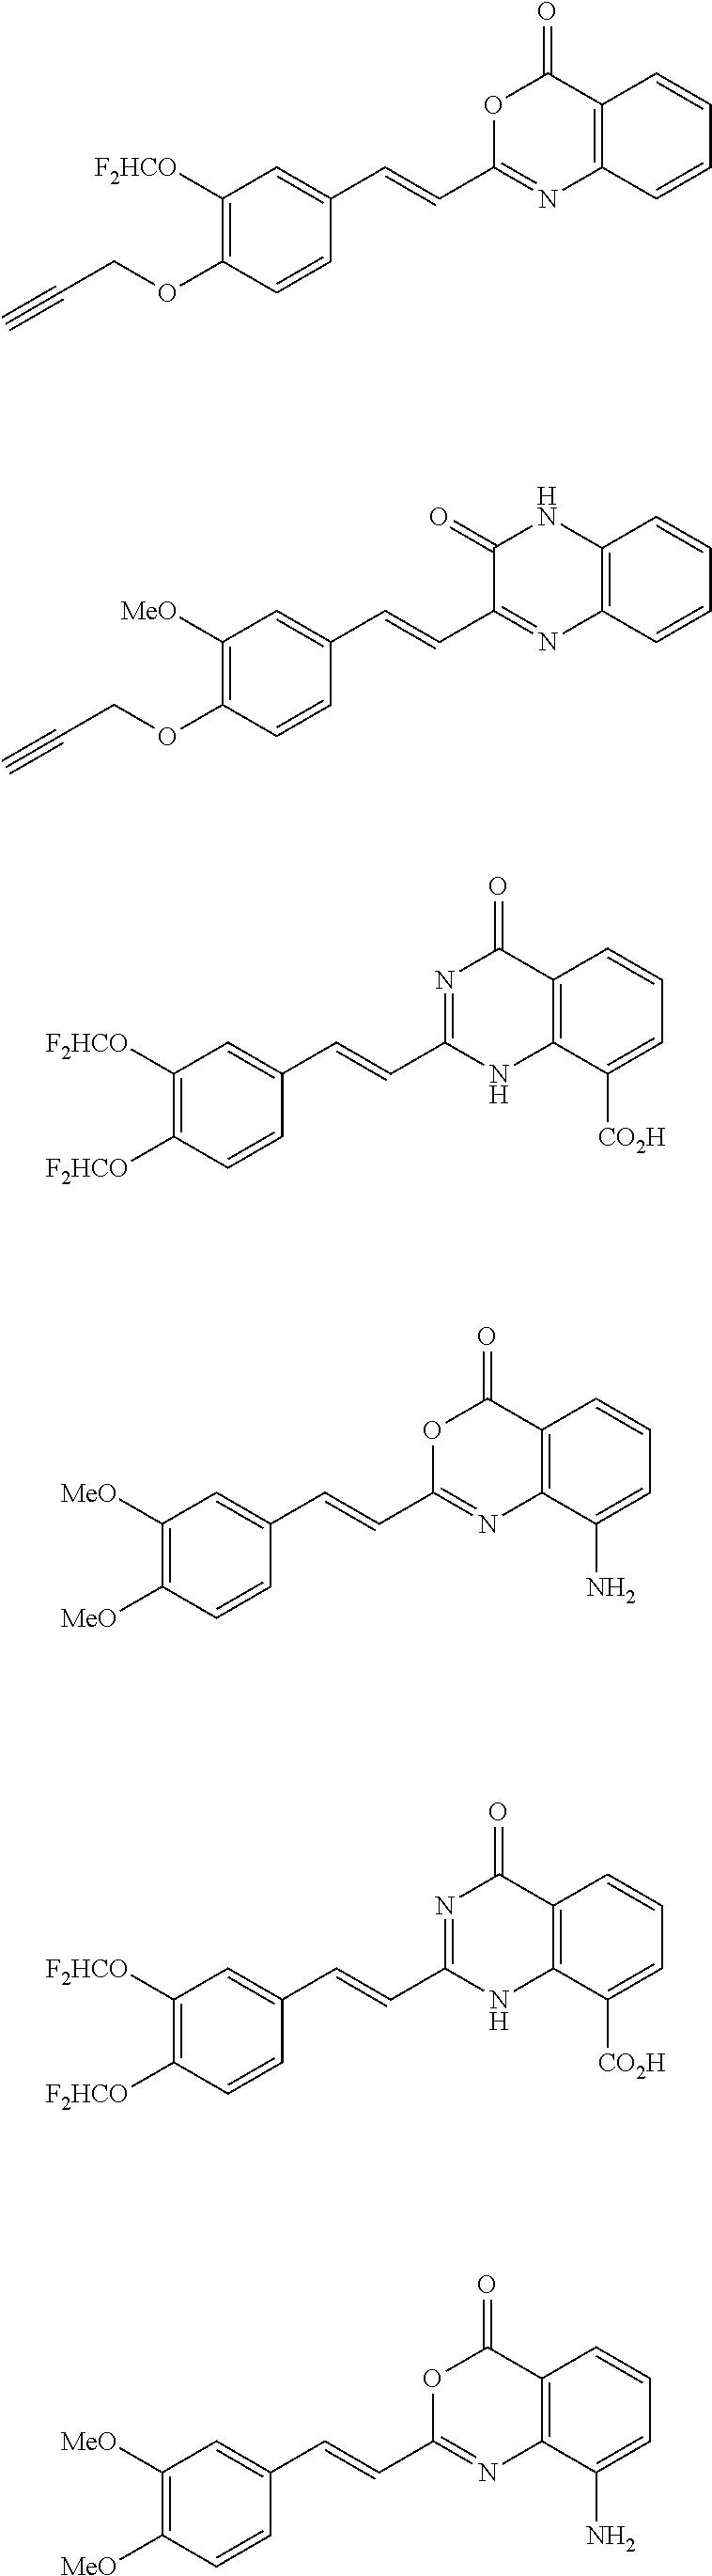 Figure US09951087-20180424-C00057